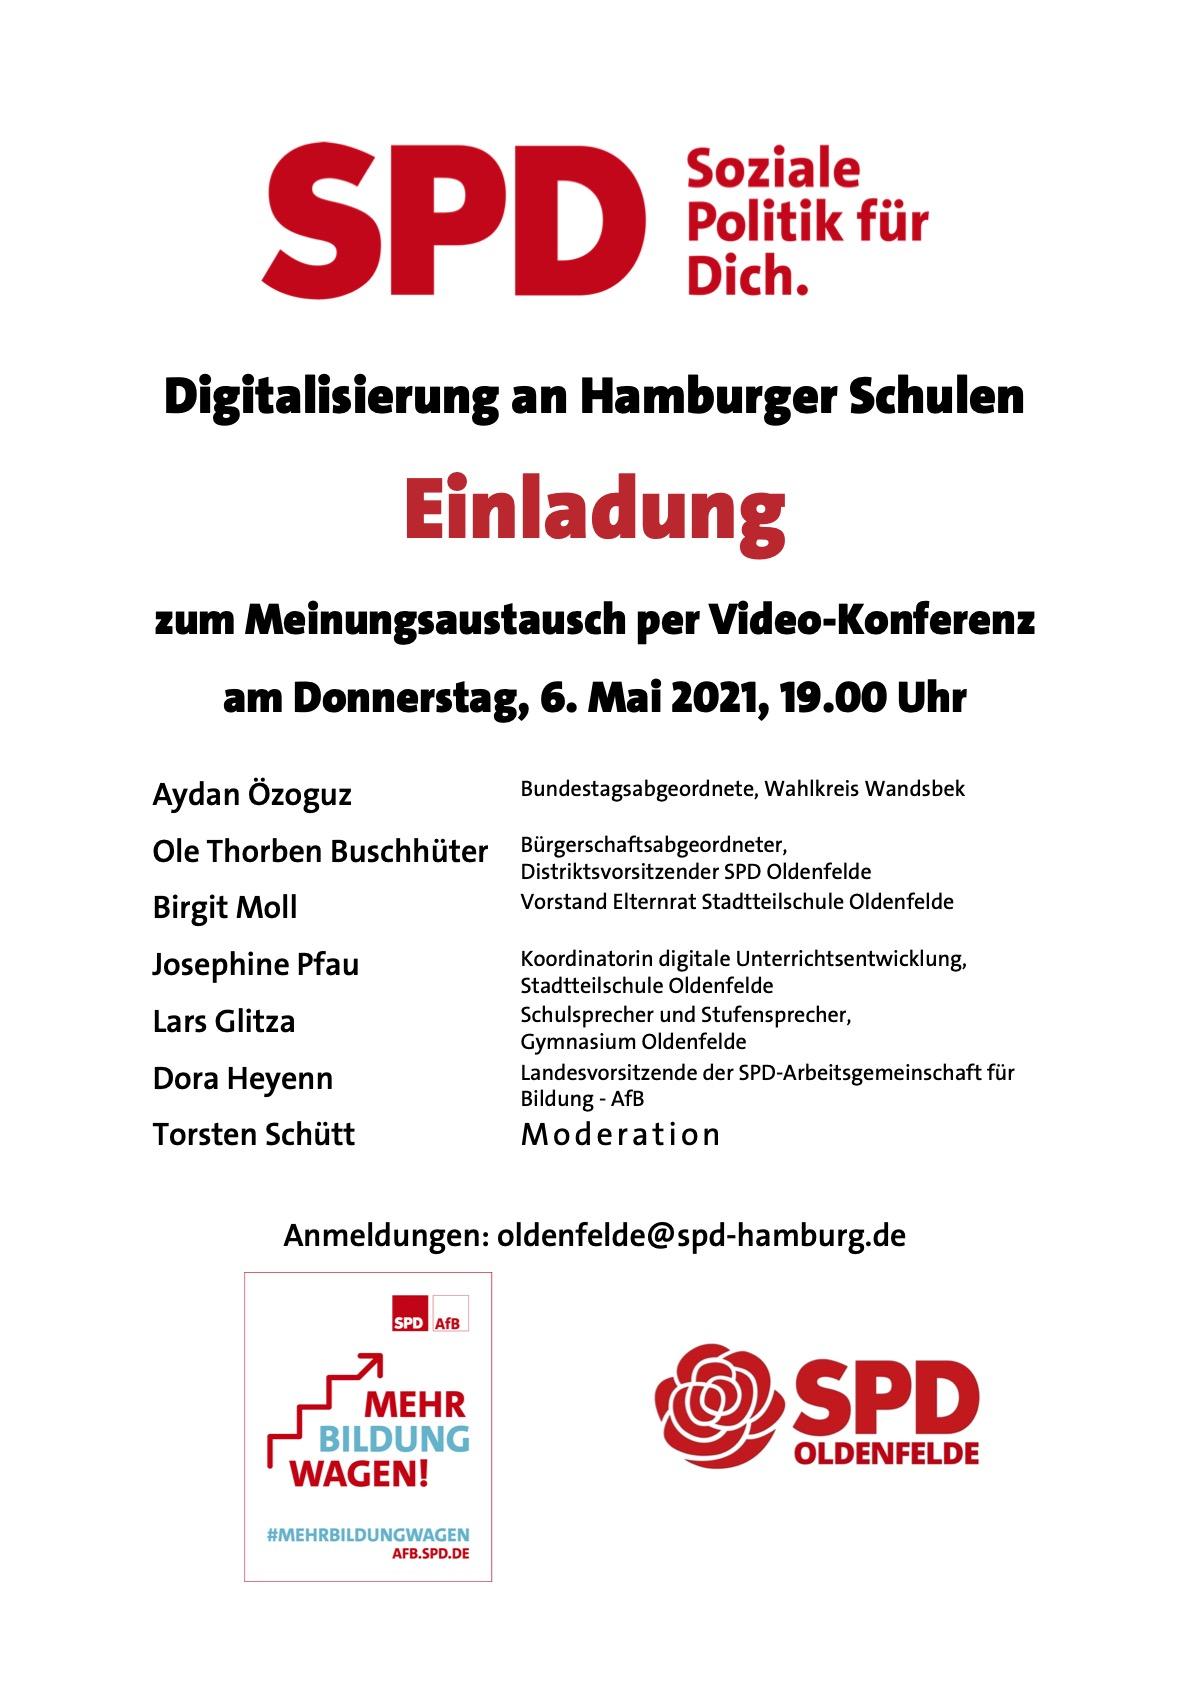 20210506-Einladung-Digitalisierung-Schulen.jpg width=